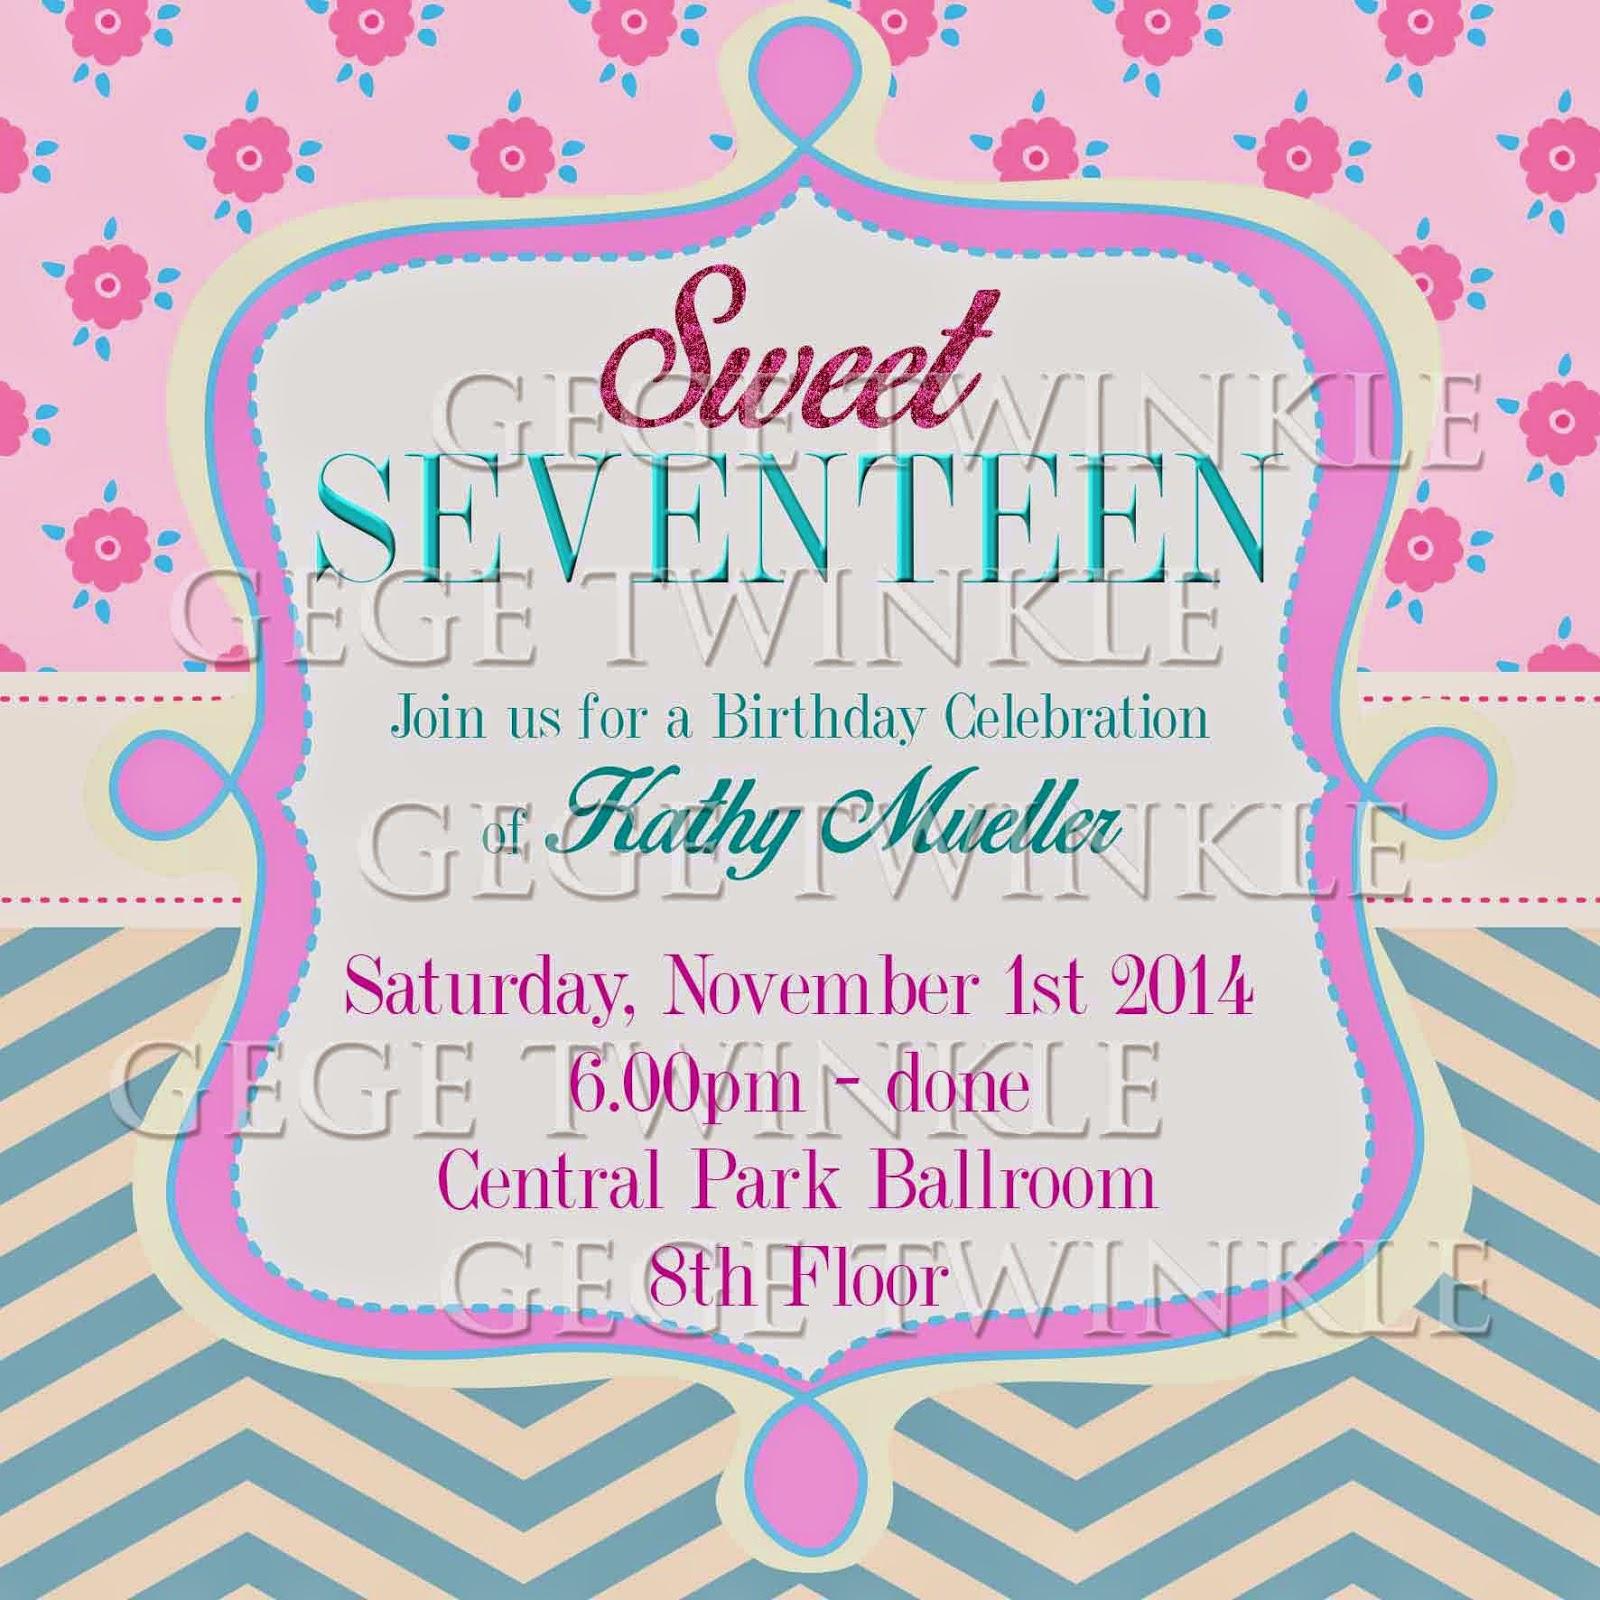 Contoh Surat Undangan Ulang Tahun Sweet Seventeen Dalam Bahasa Inggris